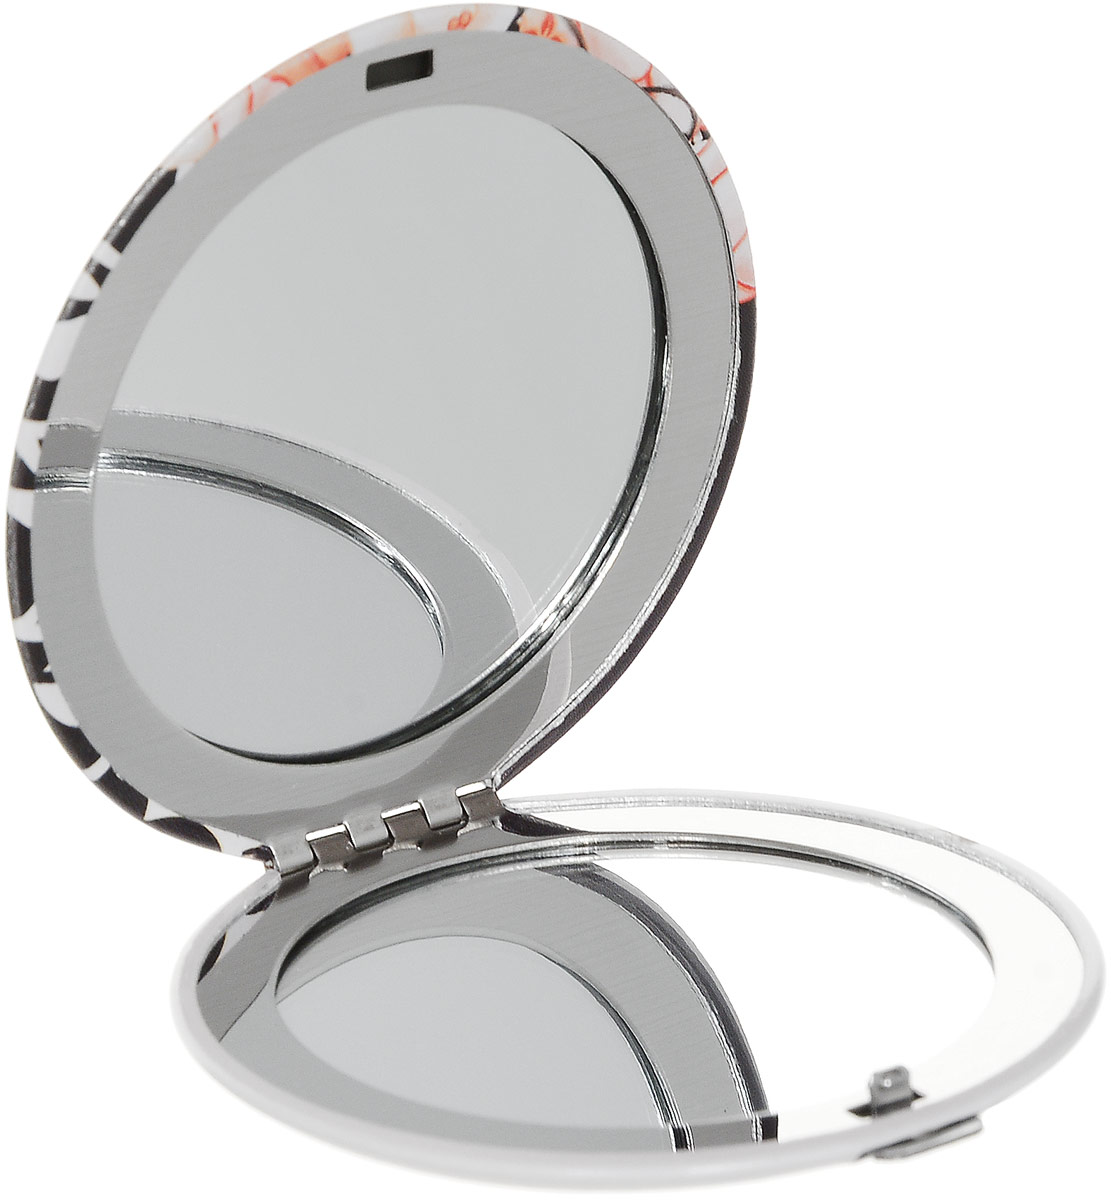 Зеркало карманное Kimmidoll Кайо. KF1119KF1119Изящное зеркало Kimmidoll Кайо выполнено в круглом металлическом корпусе и декорировано ярким изображением. Внутри корпуса расположено два зеркальца - обычное и увеличивающее.Такое зеркало станет отличным подарком представительнице прекрасного пола, ведь даже самая маленькая дамская сумочка обязательно вместит в себя миниатюрное зеркальце - атрибут каждой модницы.